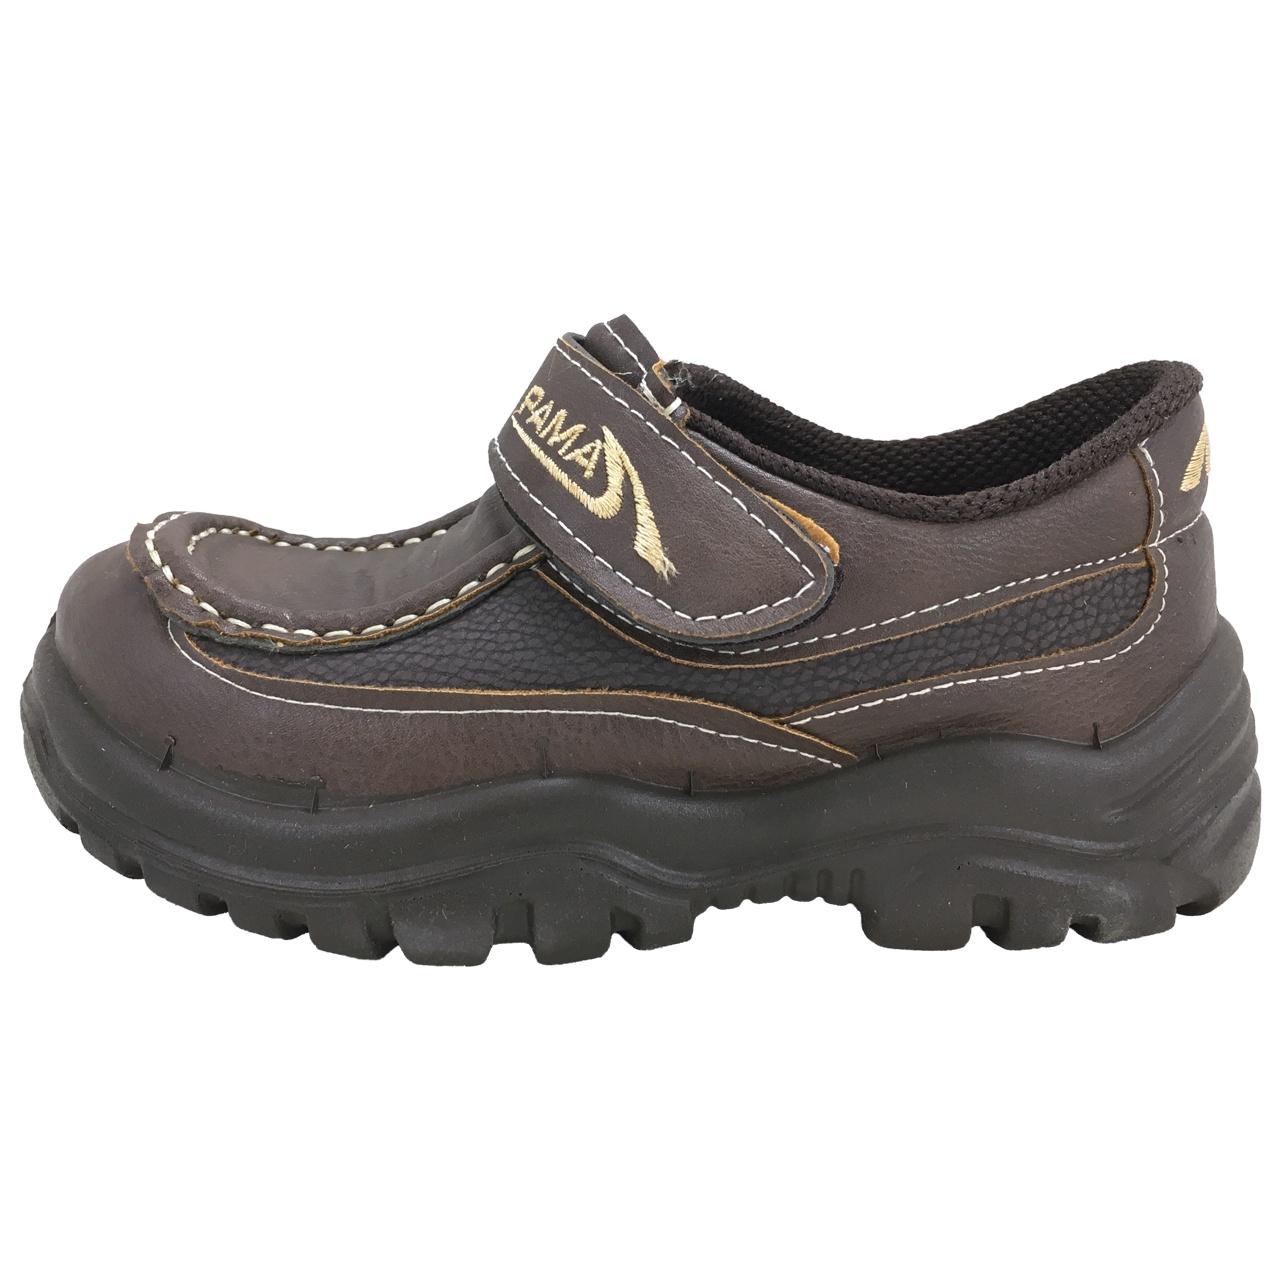 کفش بچگانه پاما مدل بهران کد 2858